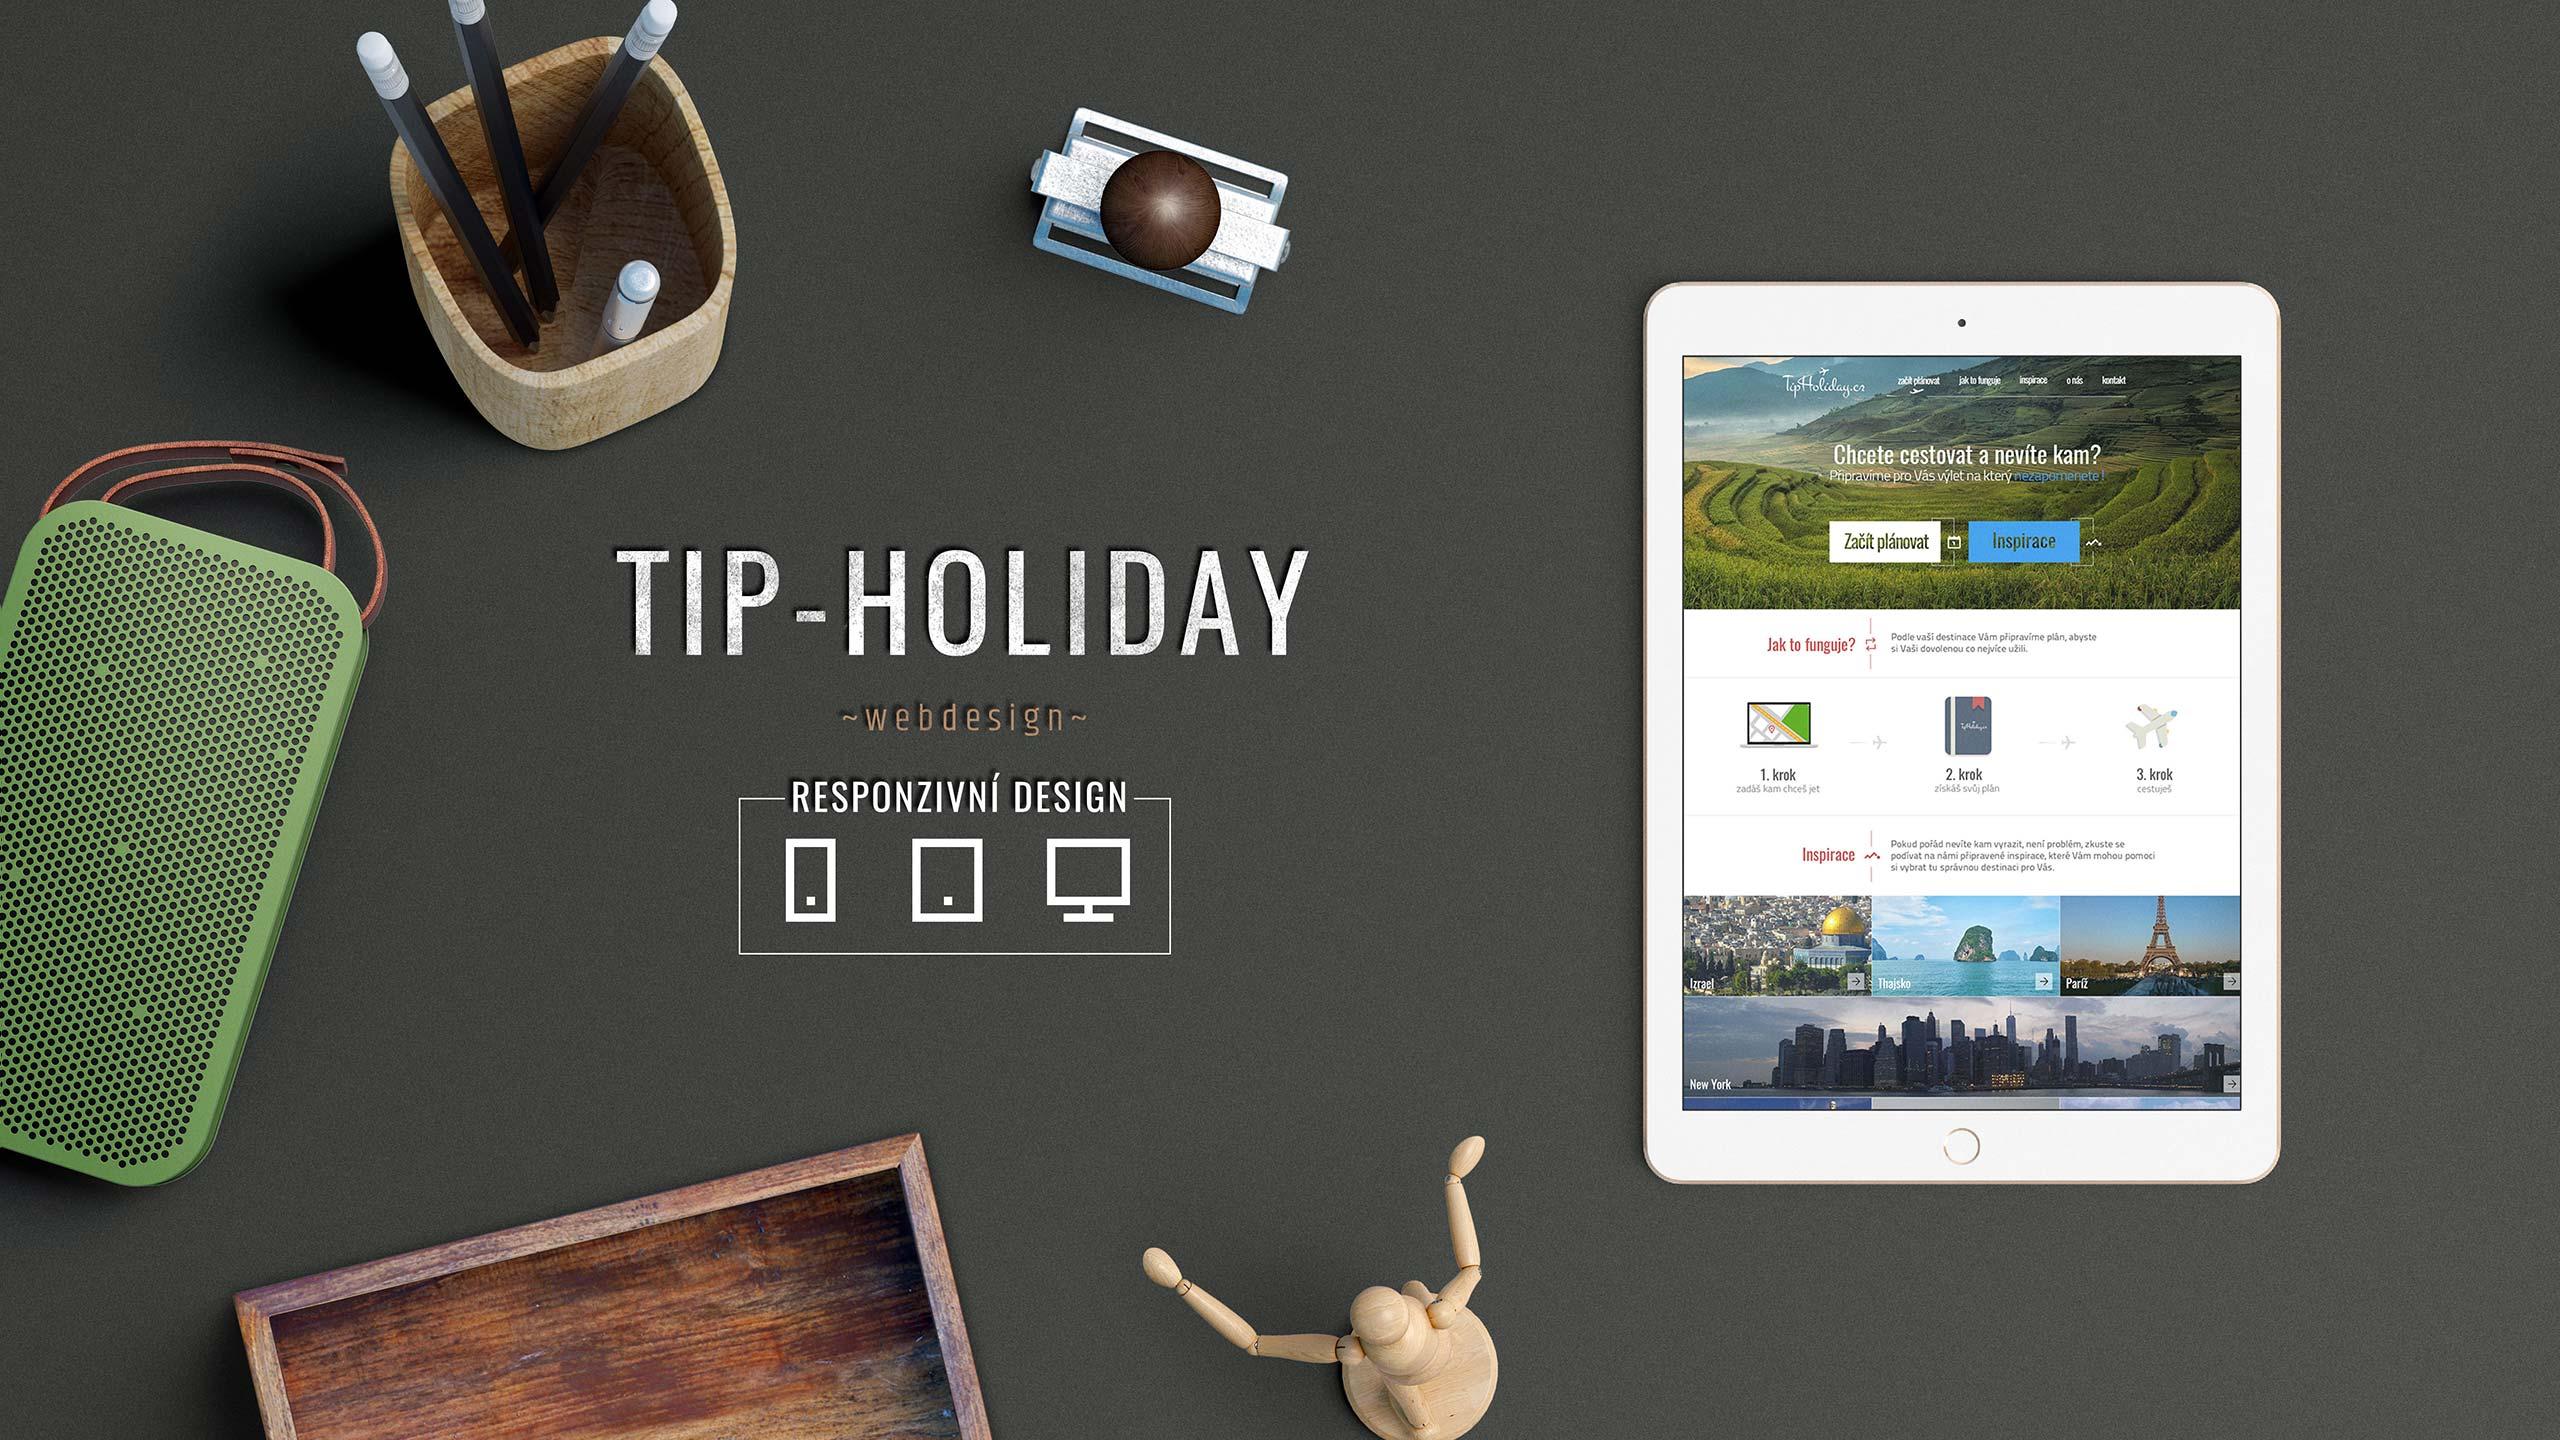 Tvorba grafické šablony pro společnost Tip-Holiday